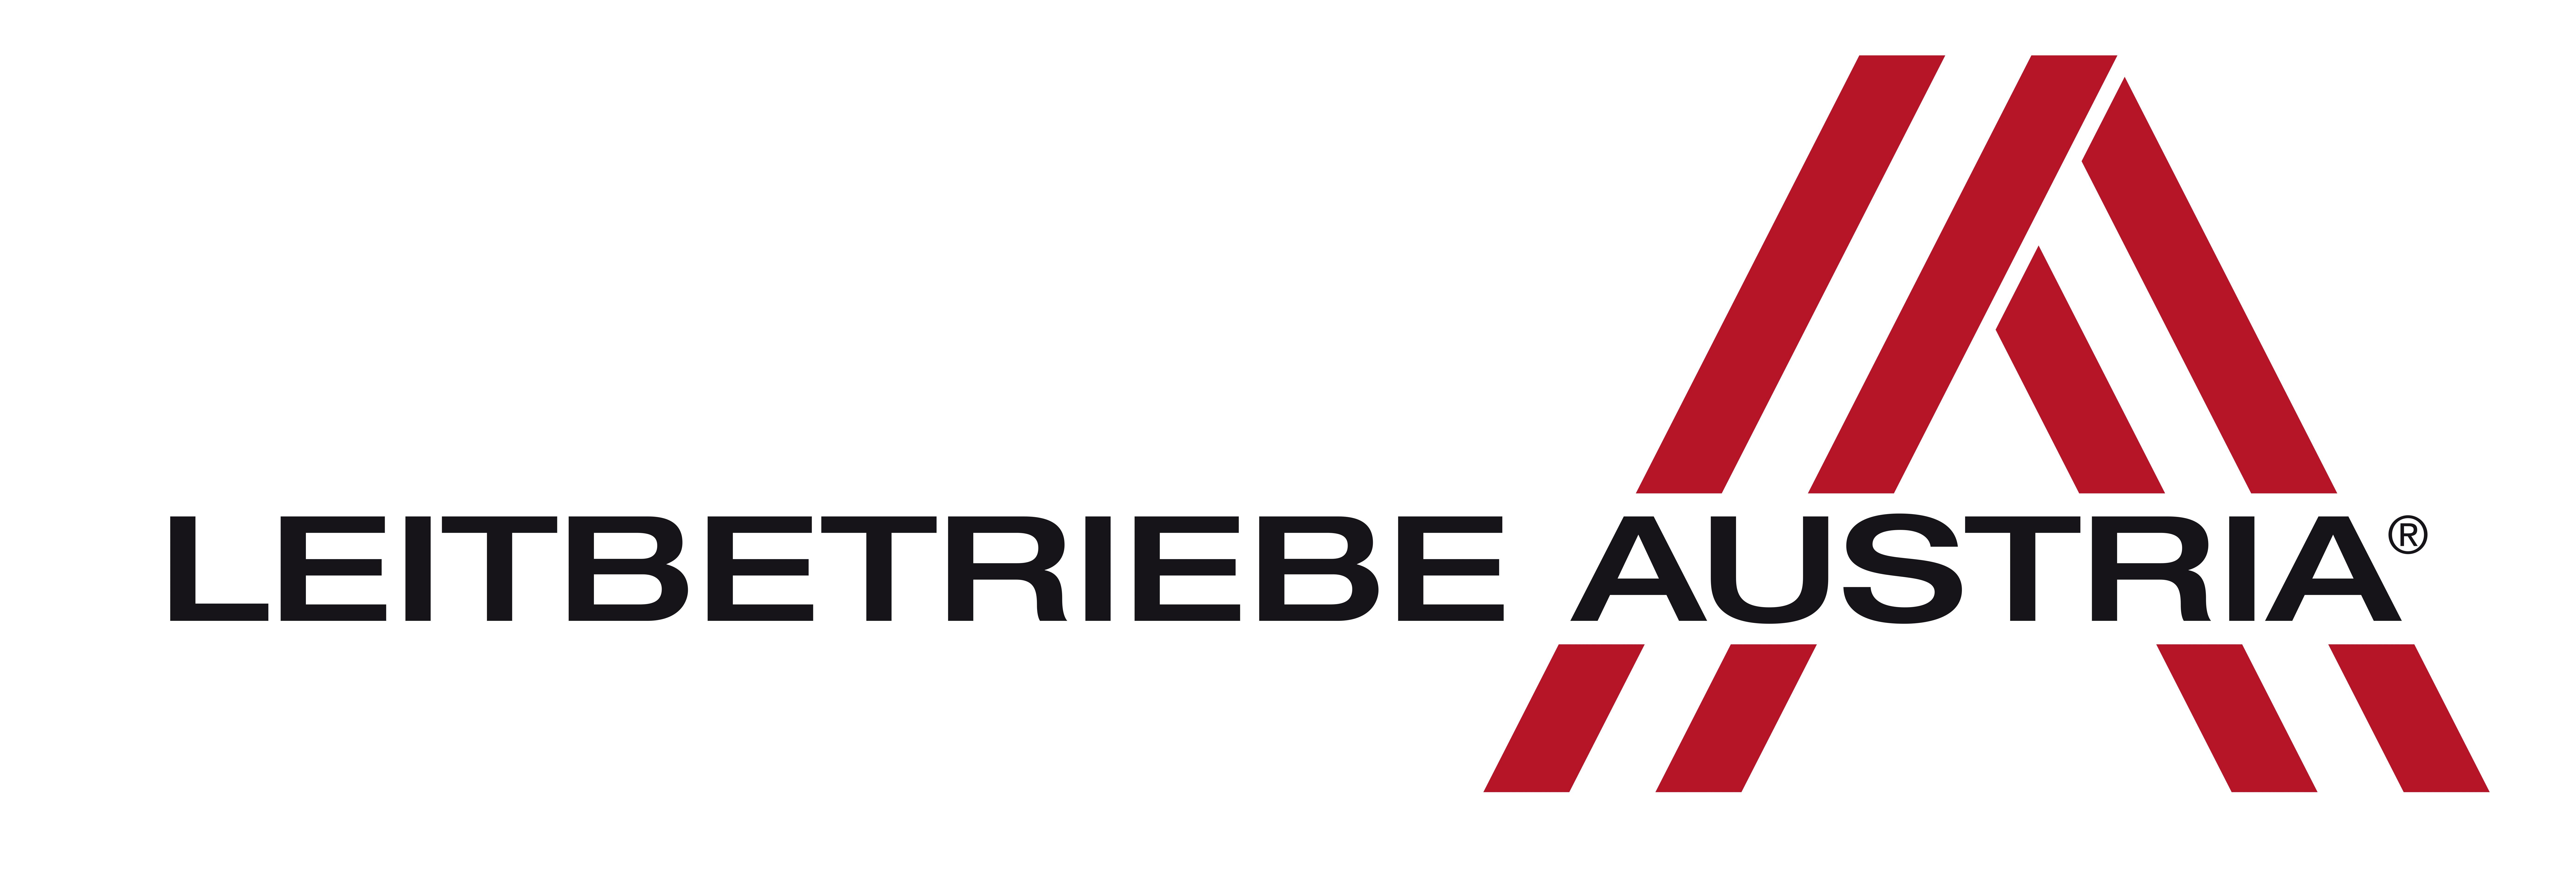 Leitbetriebe Austria